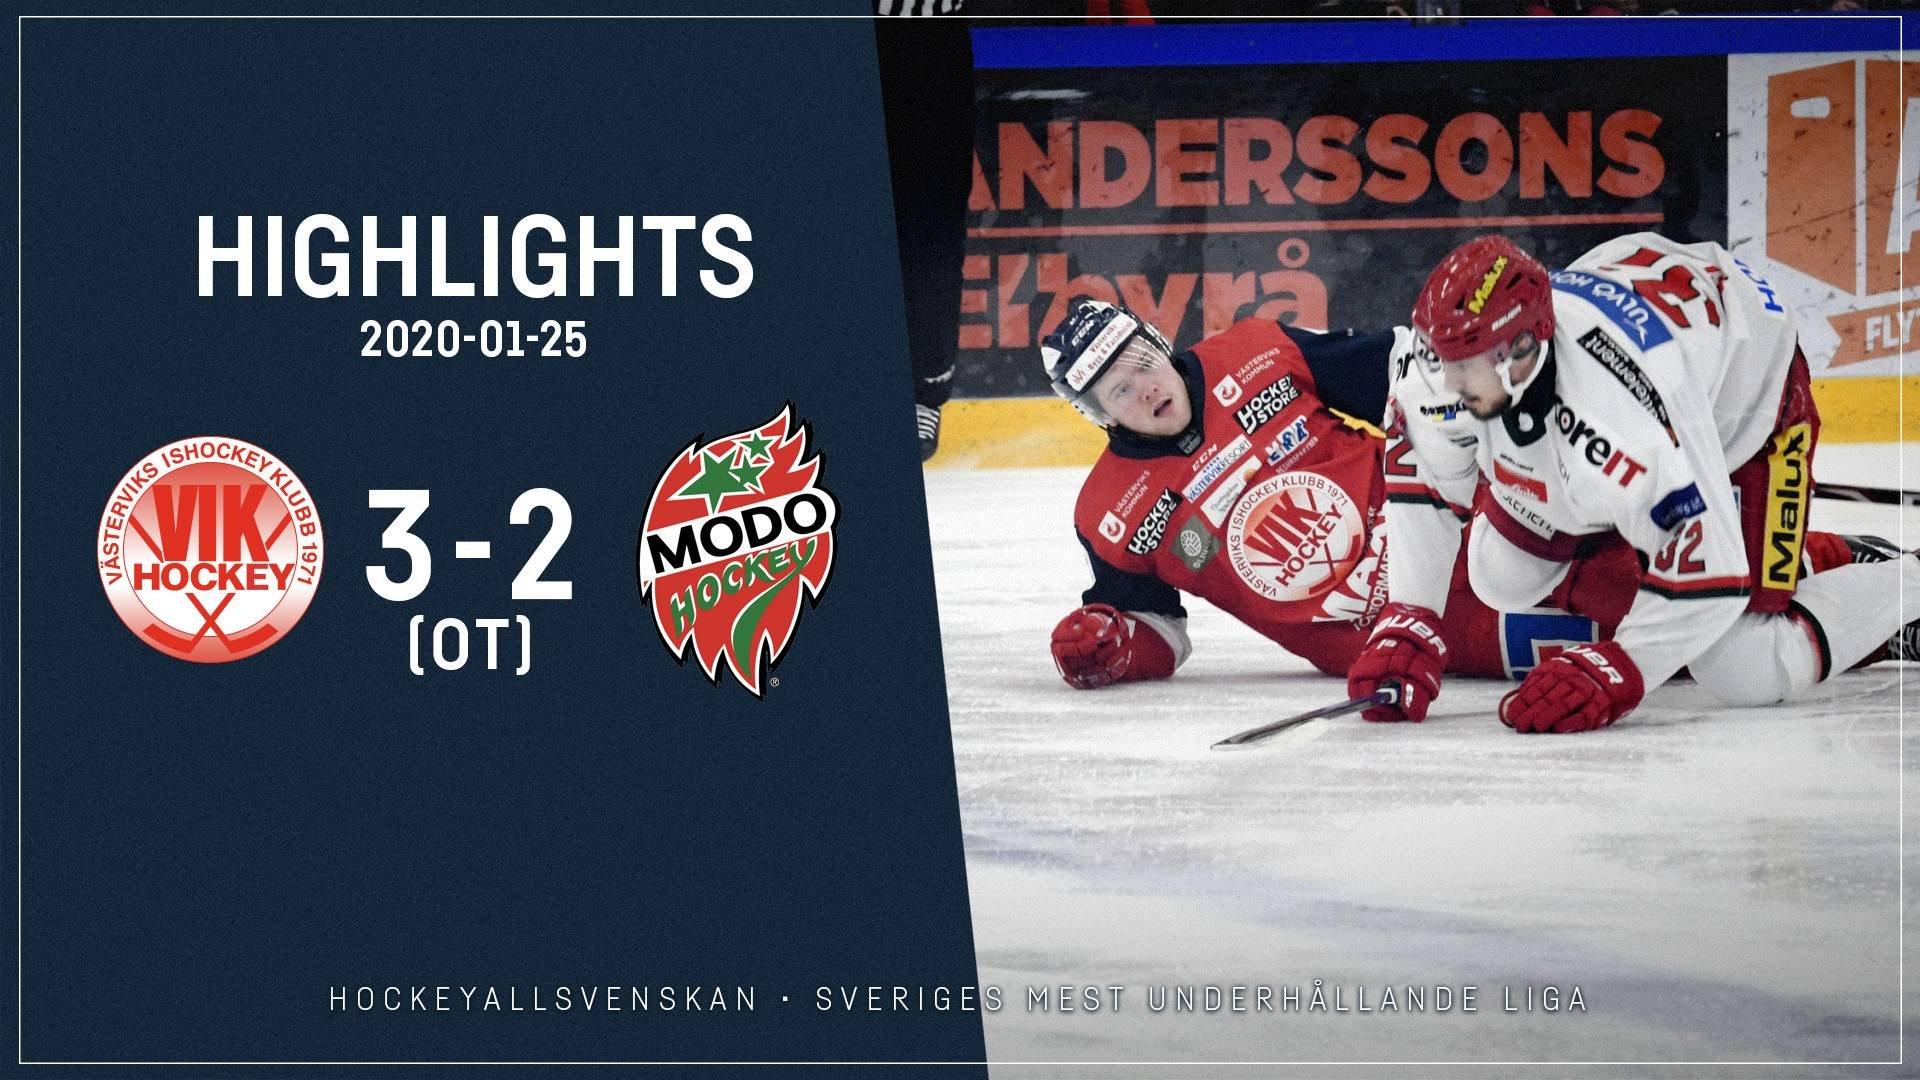 2020-01-25 Västervik - MODO 3-2 (OT)